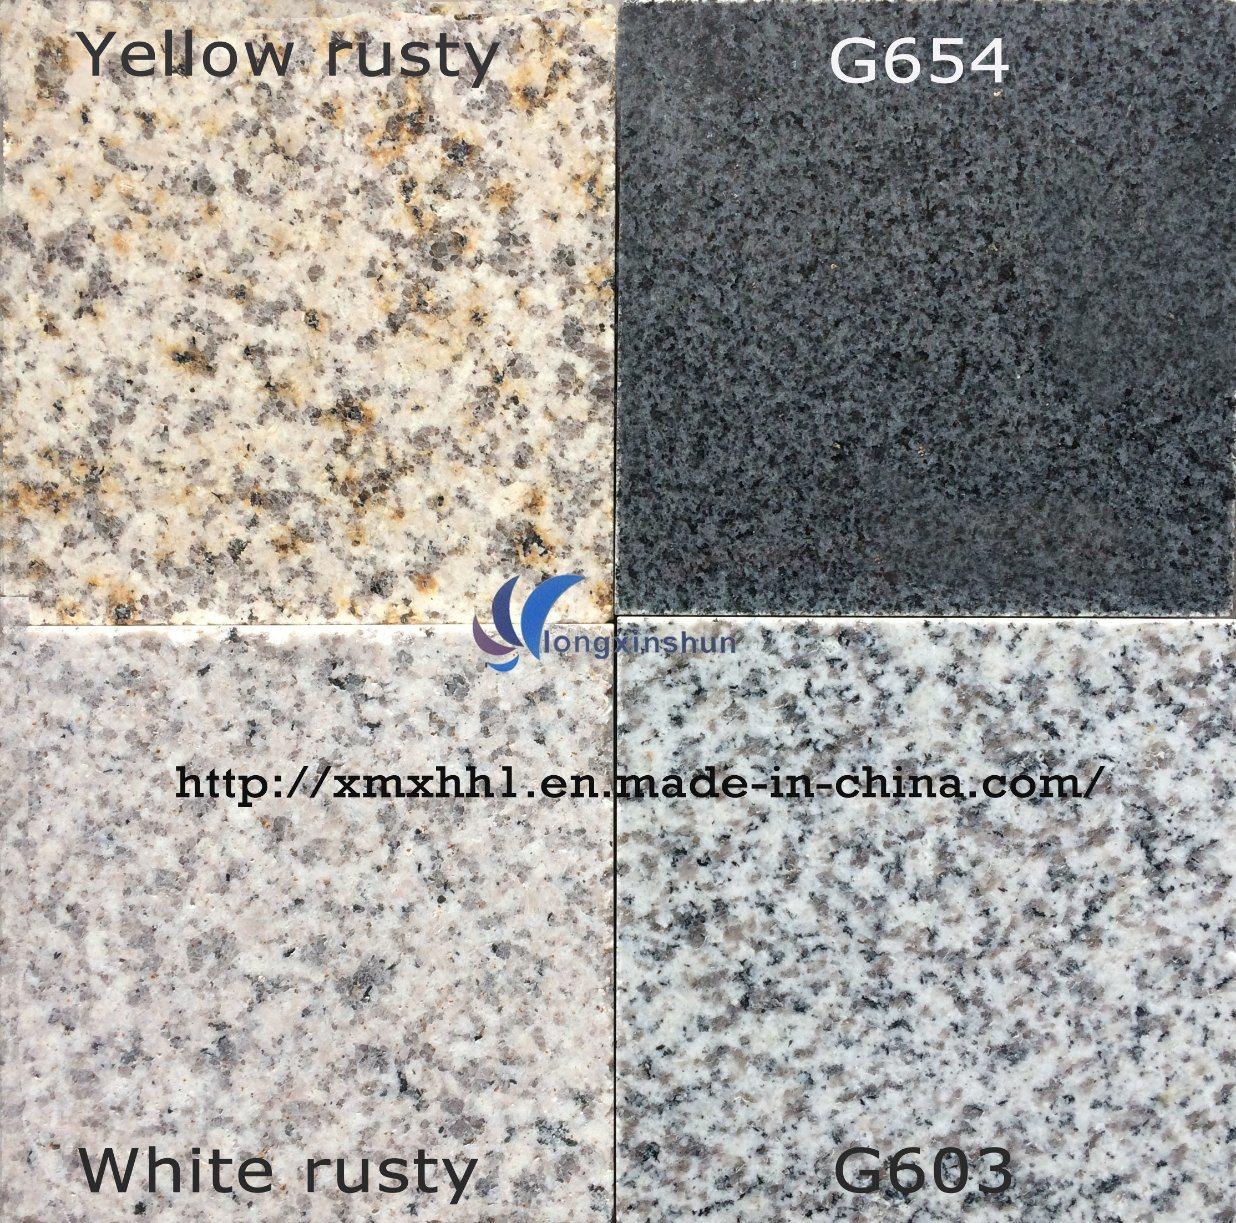 G603/G654/G664/Rusty Yellow White Grey Black Natural granite